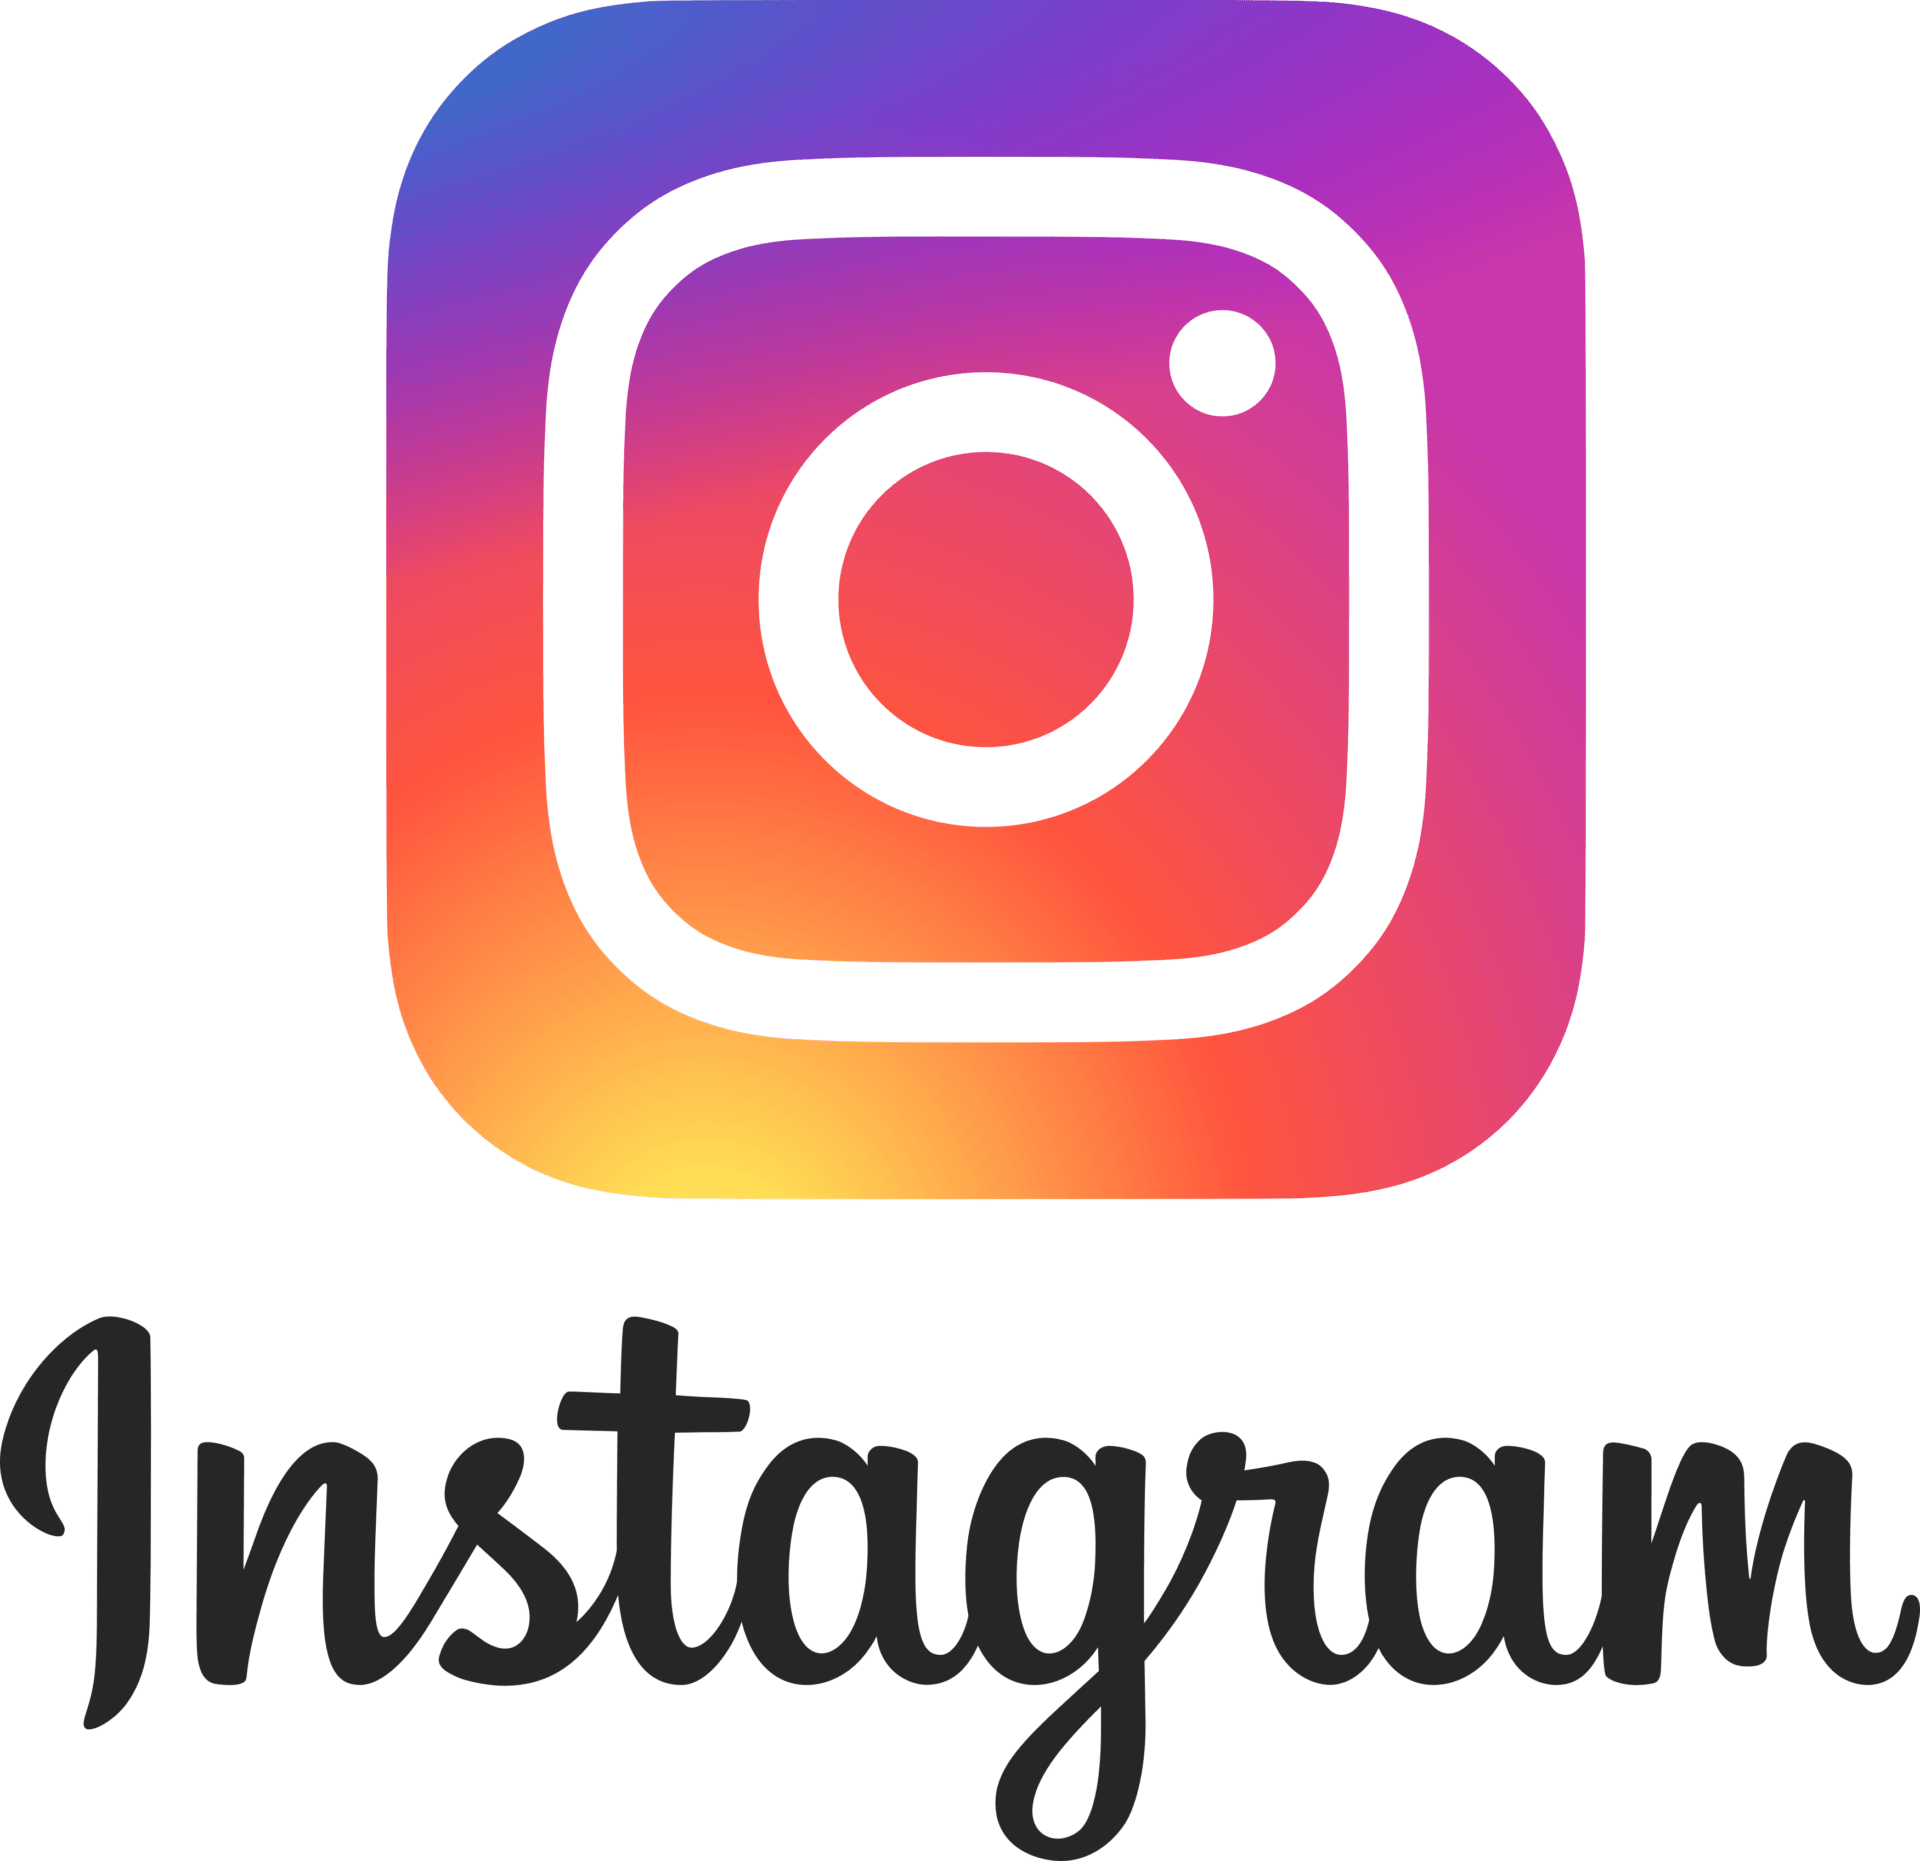 Instagram дээр таалагдсан бичлэгүүдийг хэрхэн үзэх вэ